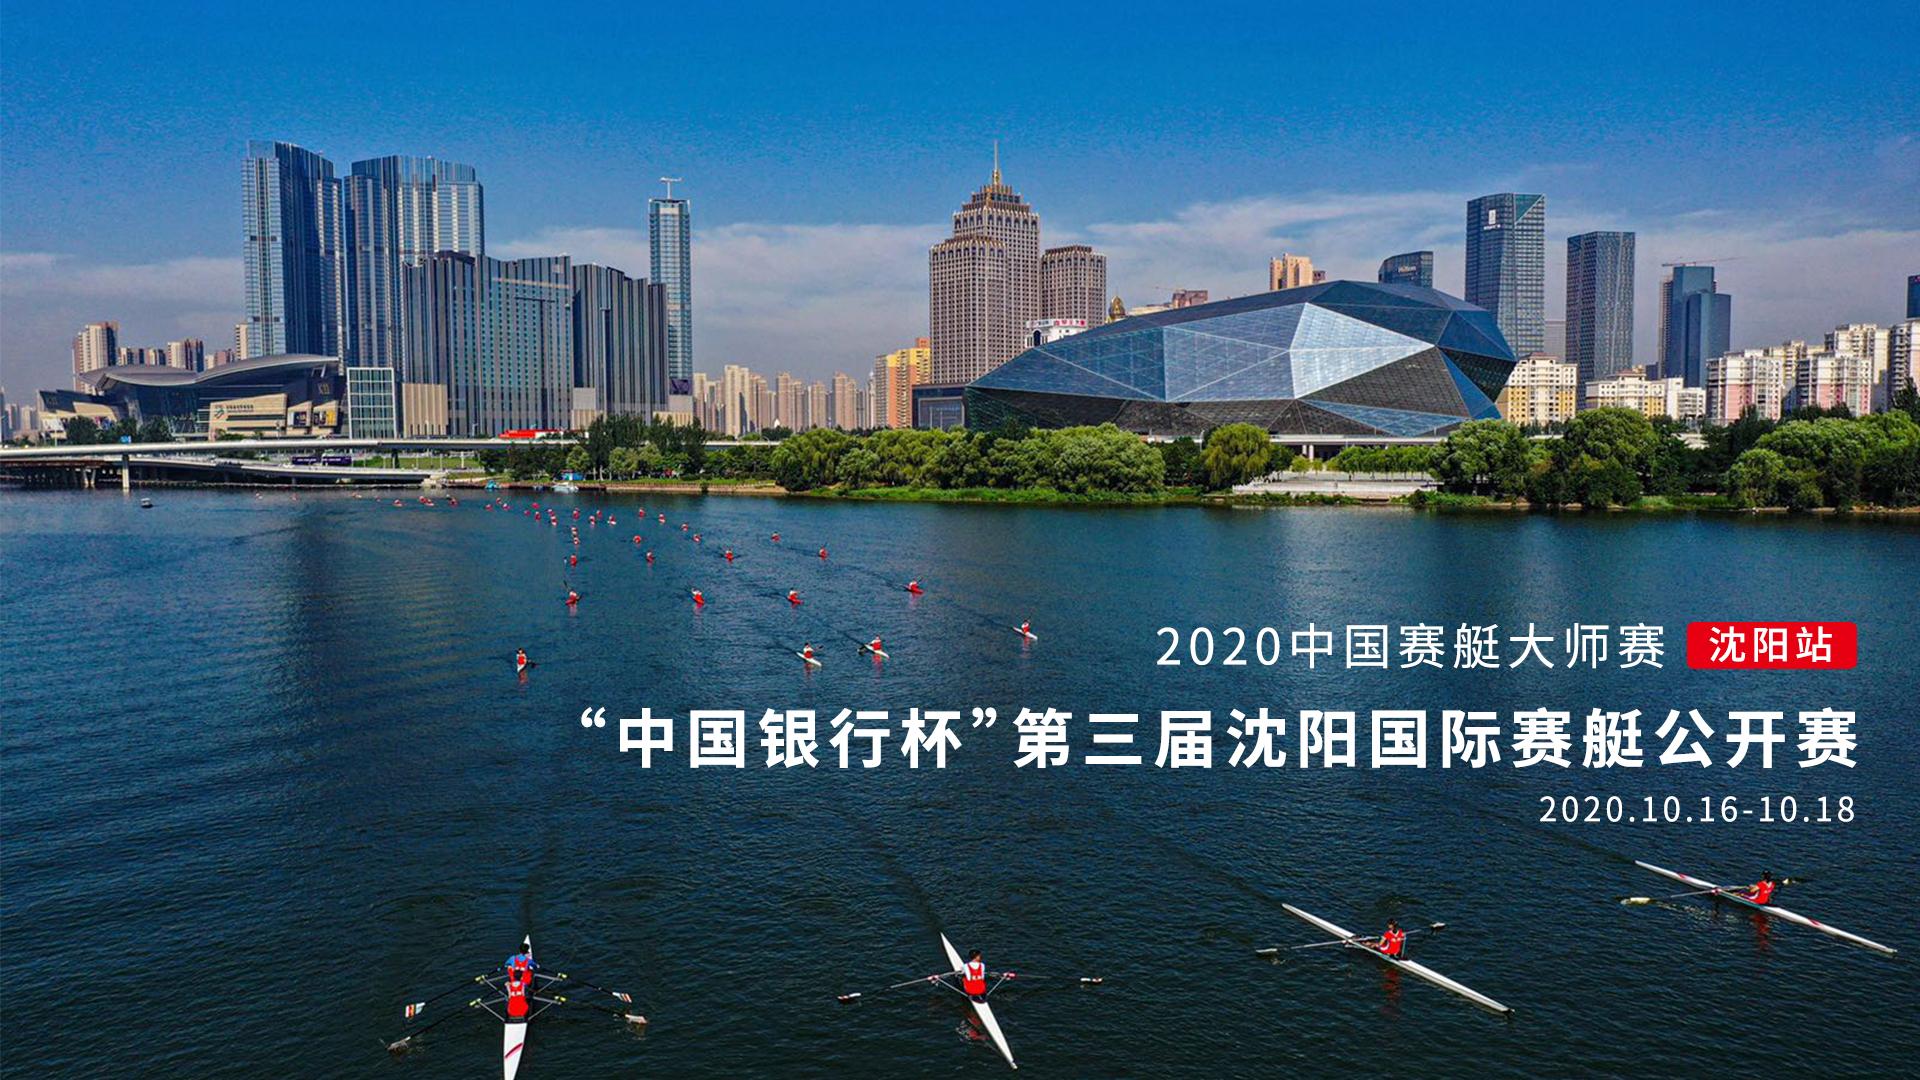 【10月17日直播】2020中国赛艇大师赛沈阳站浑河开赛!